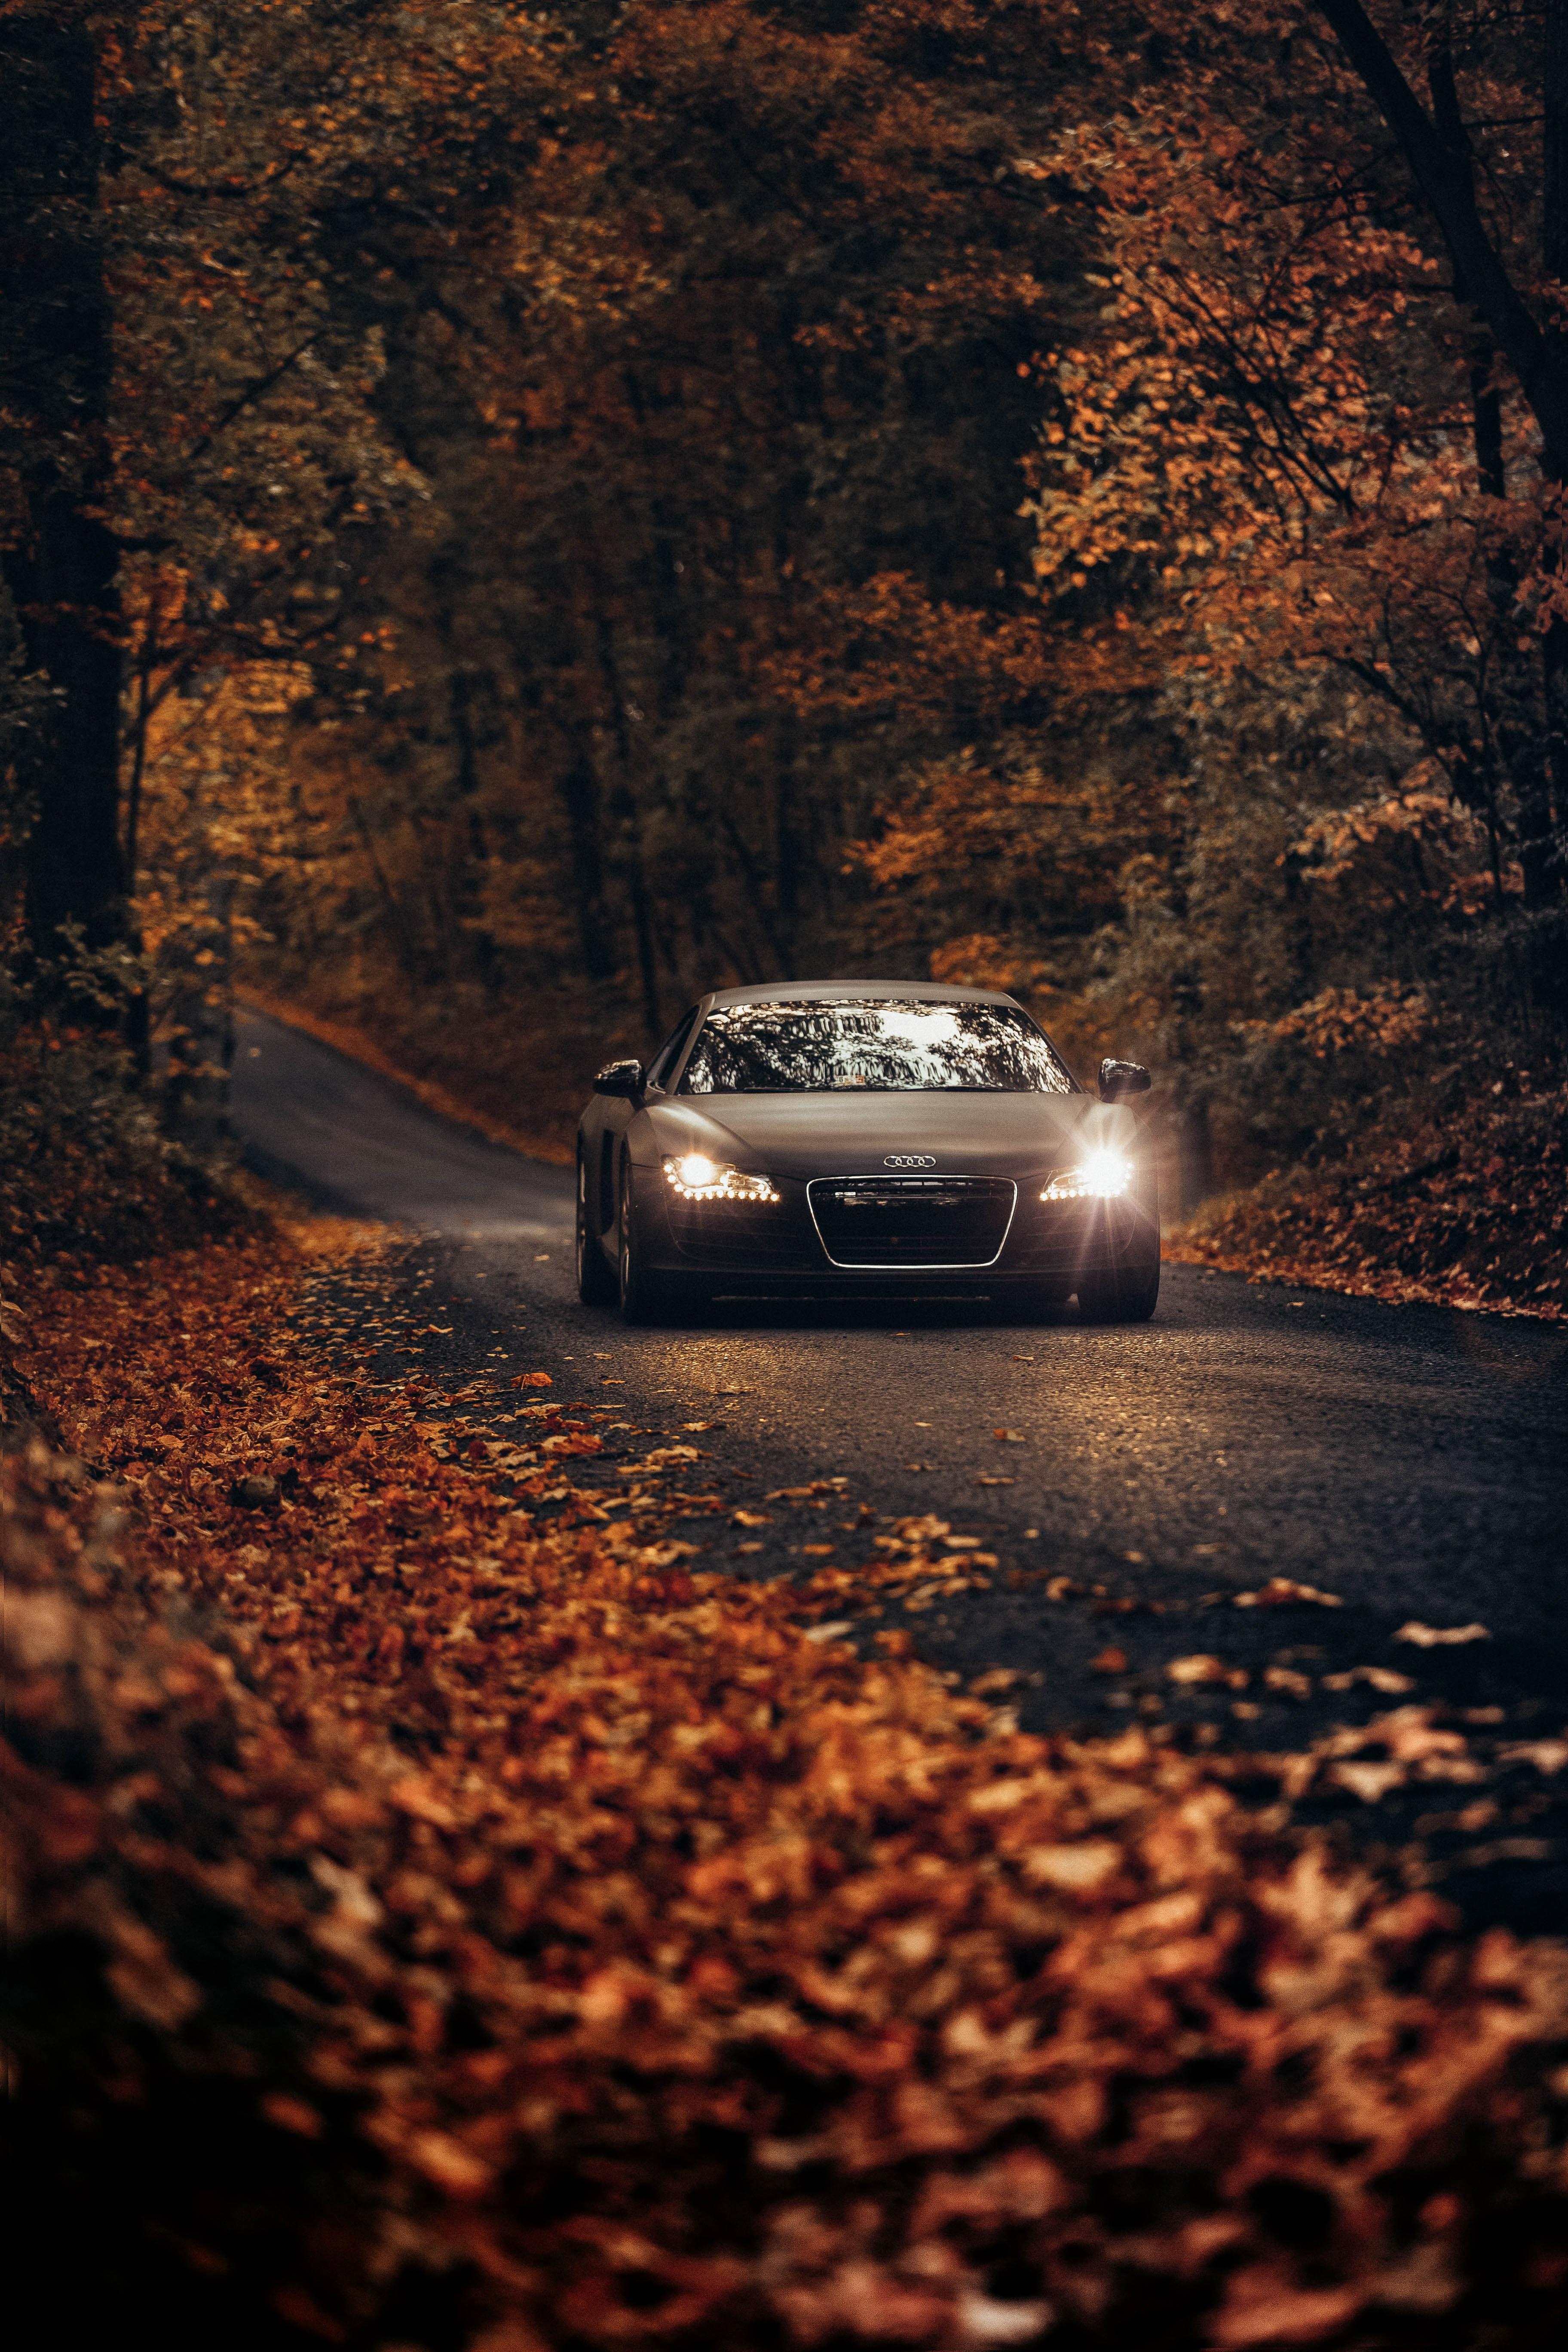 Fond D Ecran Audi Hd Fond D Ecran Telecharger Gratuitement Recherche D Images Hd 3648x5472 Wallpapertip